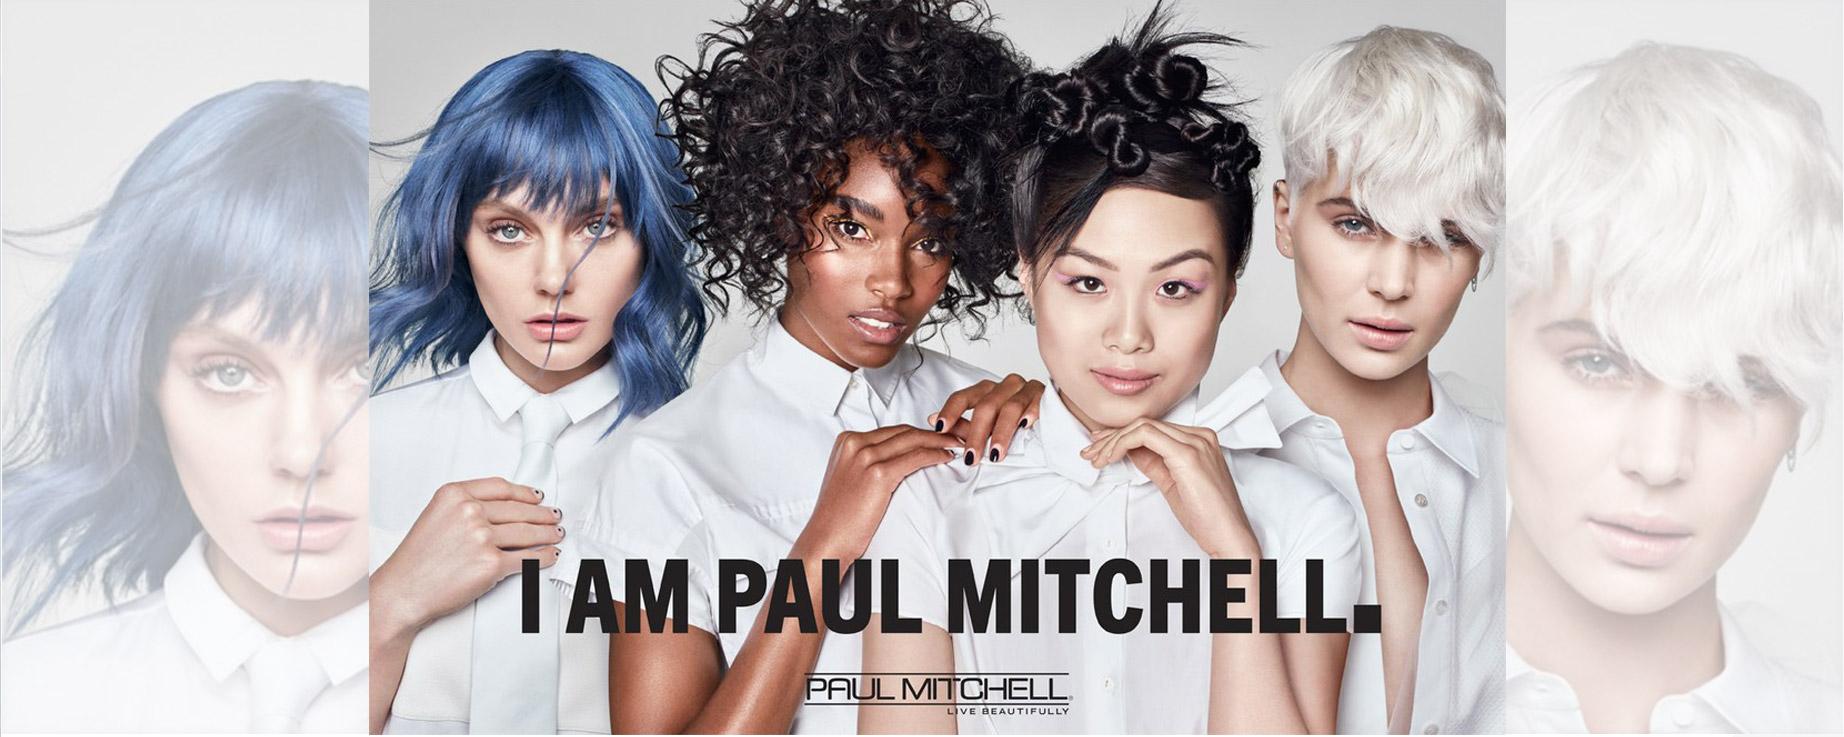 Paul Mitchell hjälper ditt hår att bli snyggare